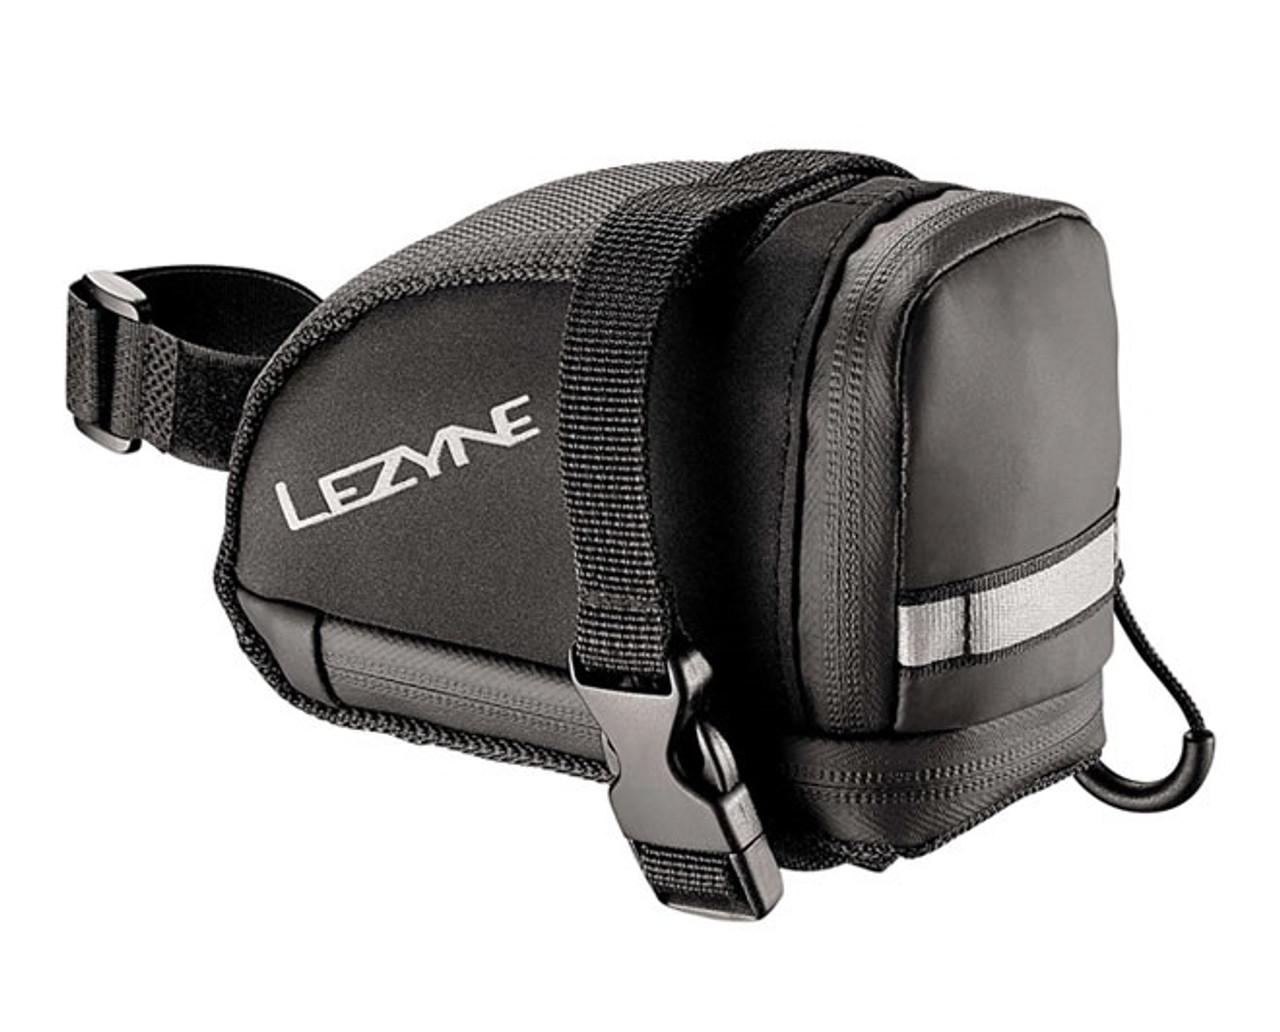 Lezyne EX Caddy Saddle Bag In Black